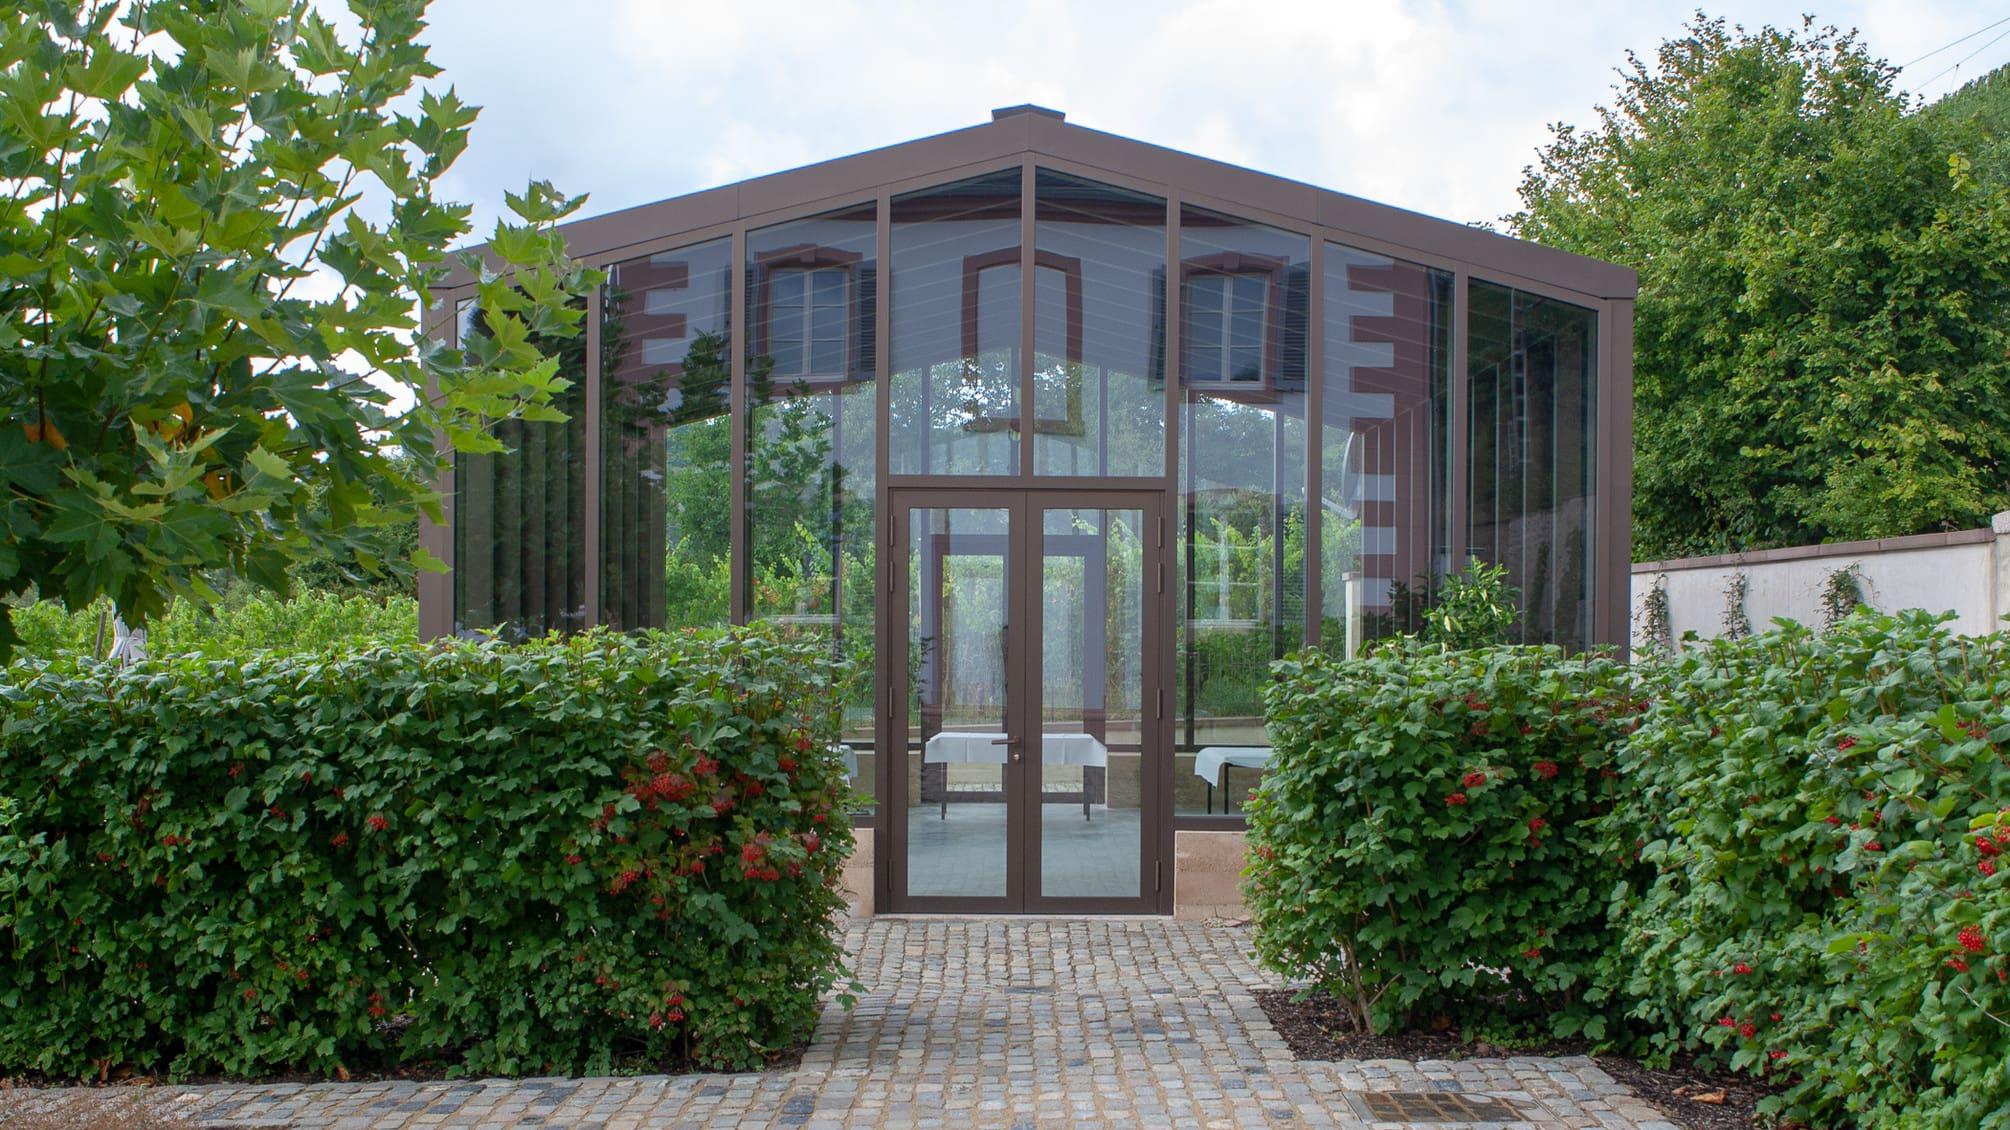 Orangerie mit Spiegelung des Altbaus